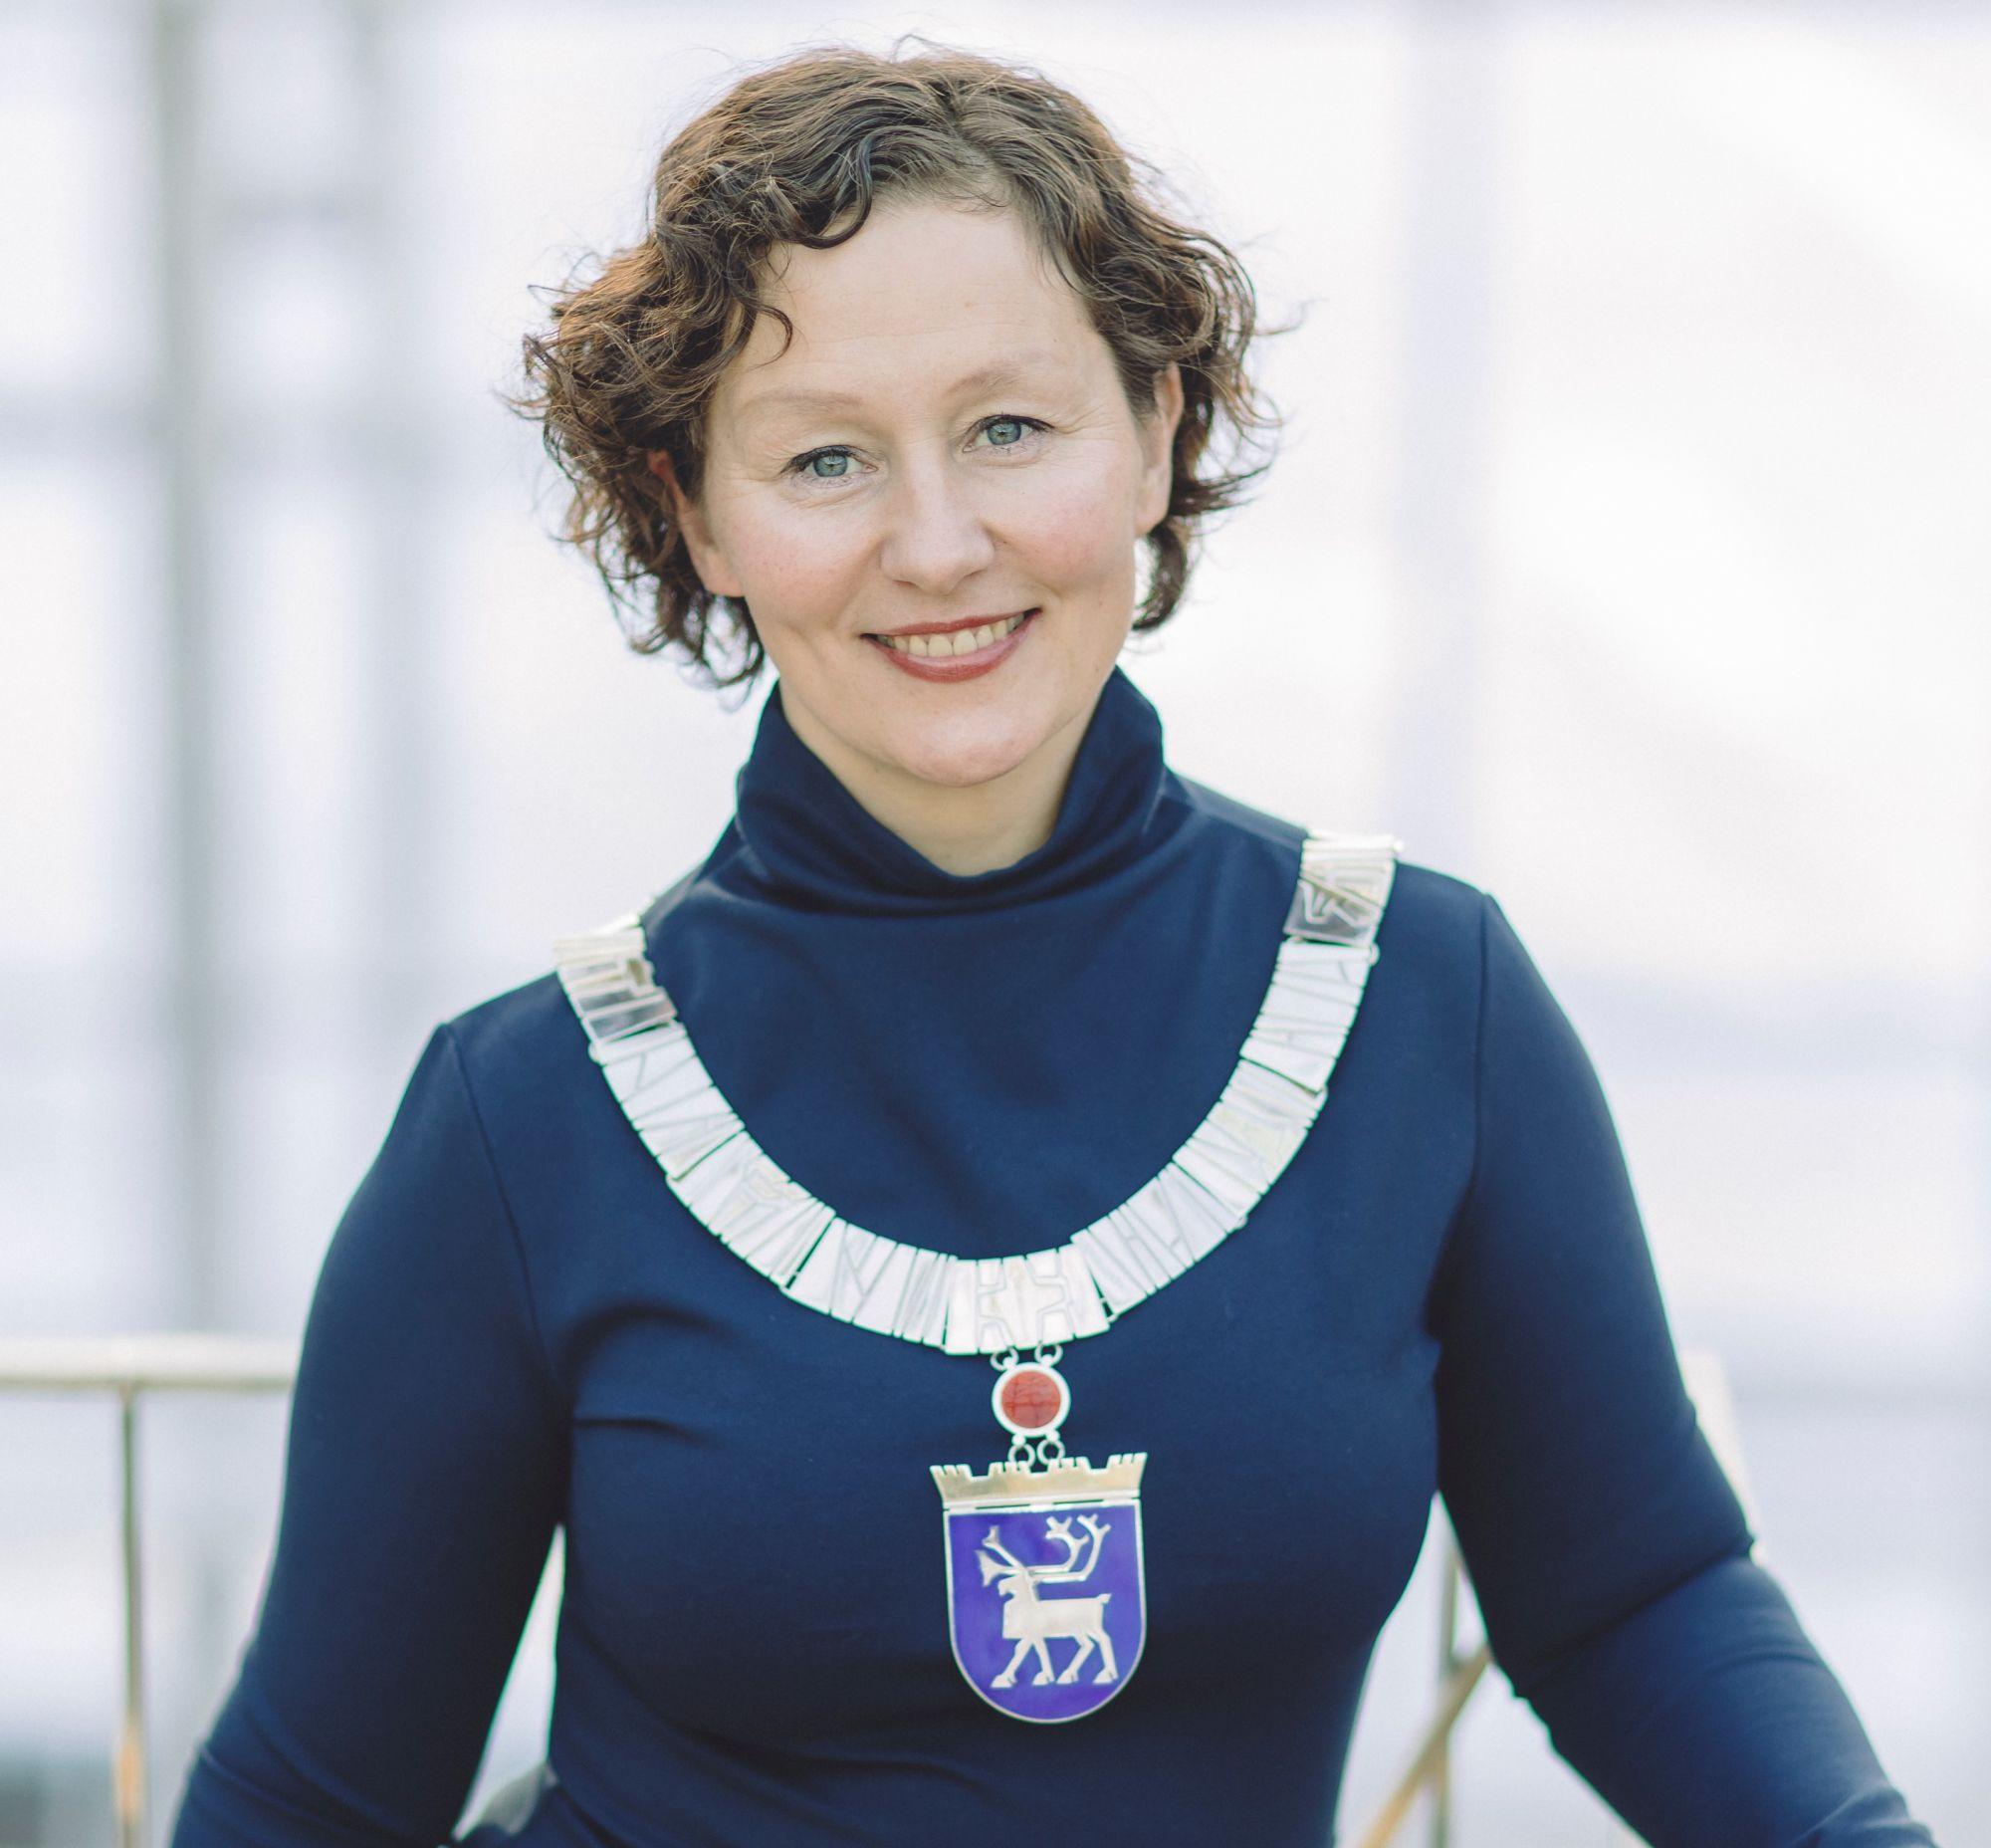 kristin røymo-ordfører i tromsø 2015-19_1494829957_087665